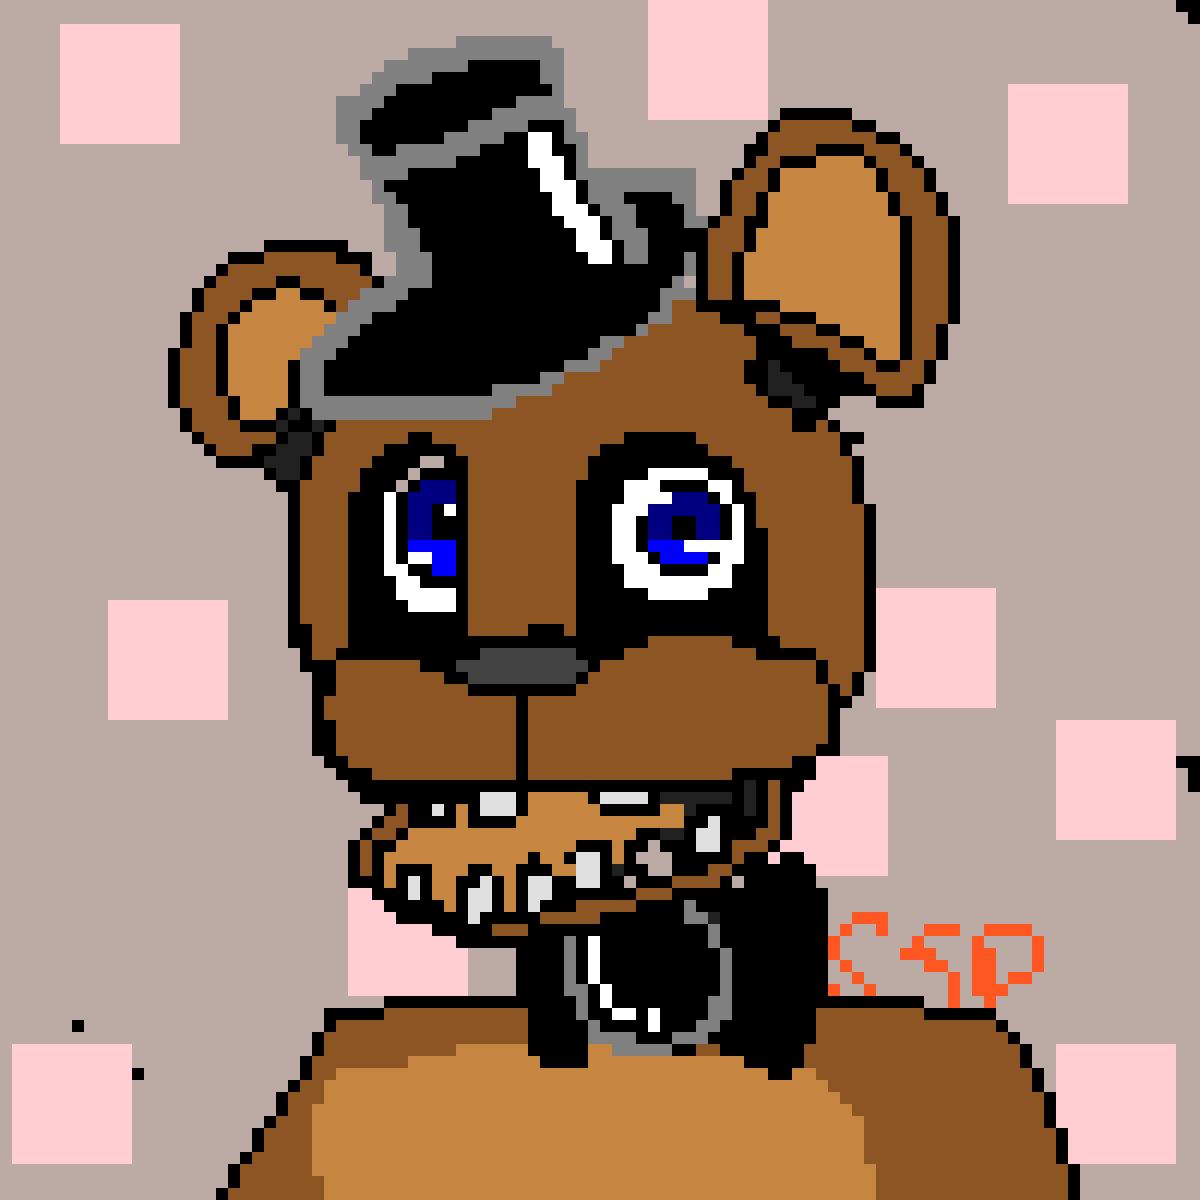 Freddy fazbear!-Fnaf by Subwayspeedssp